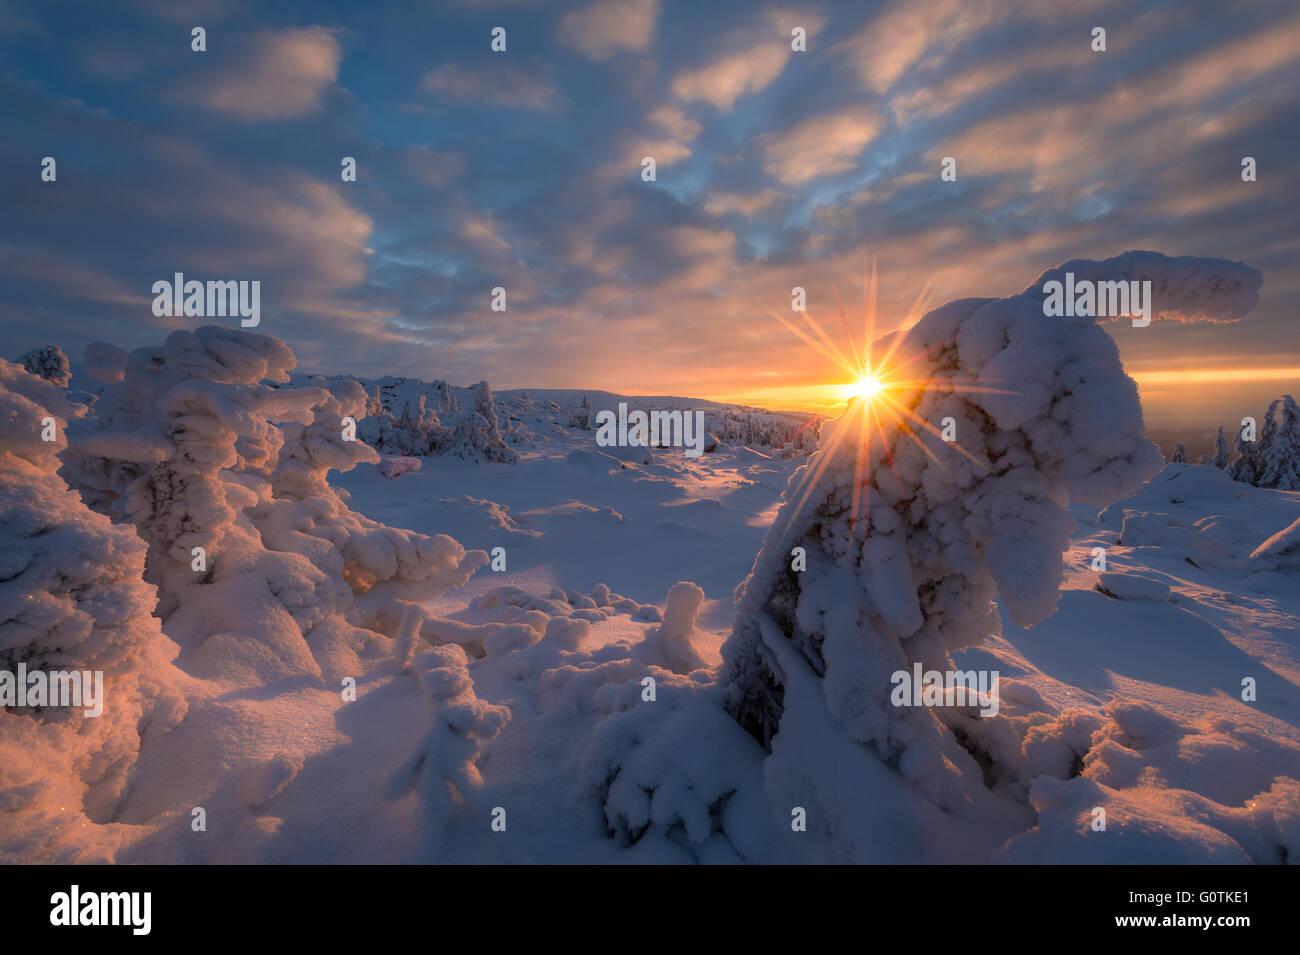 Sonnenuntergang über Schnee bedeckt Landschaft, Norwegen Stockfoto